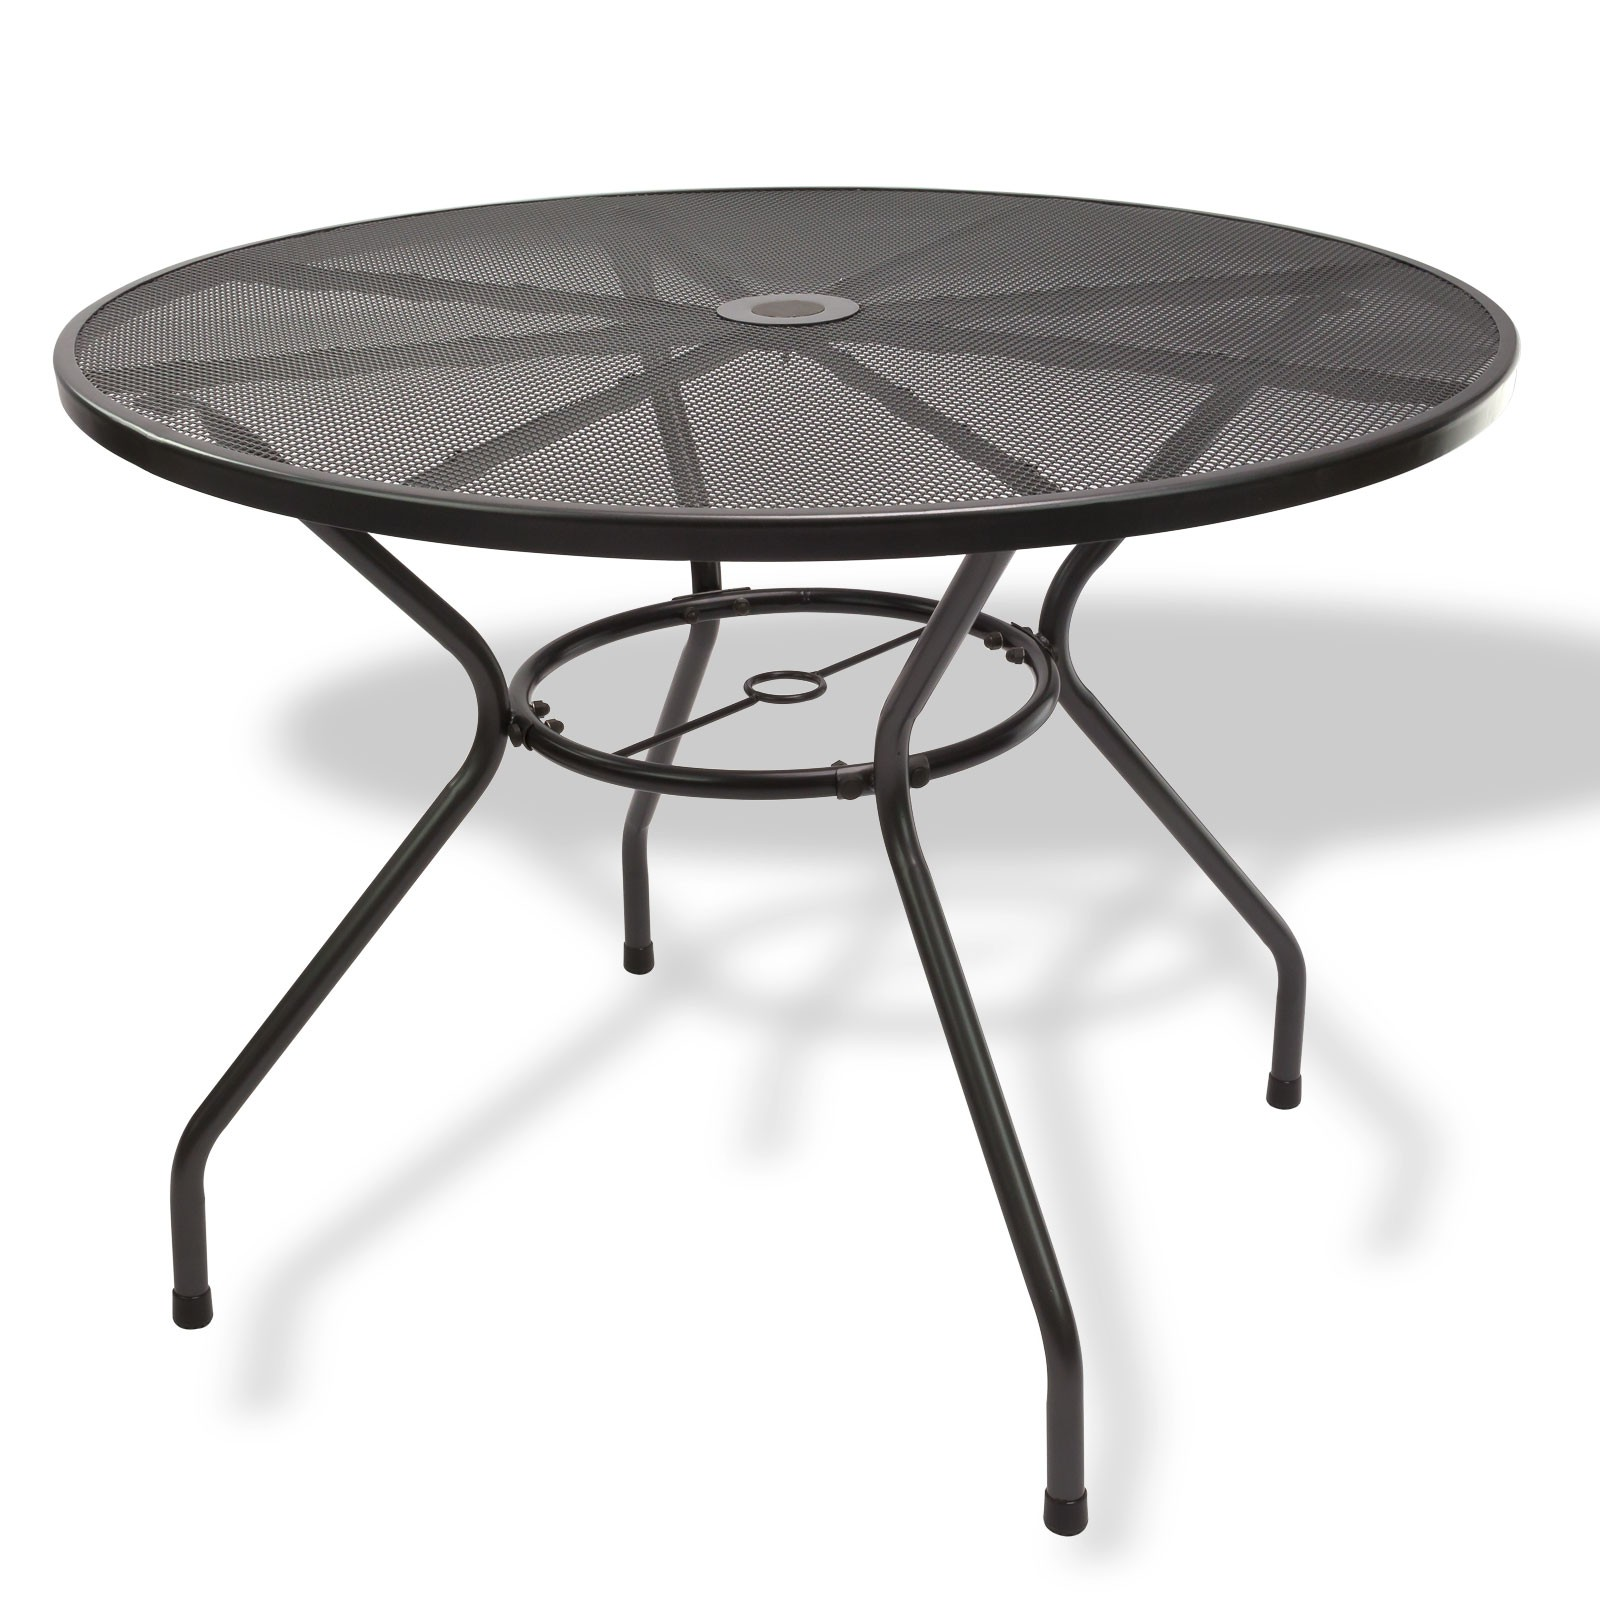 gartenm bel metall 1 x tisch rund 100x72 4 x stuhl set. Black Bedroom Furniture Sets. Home Design Ideas